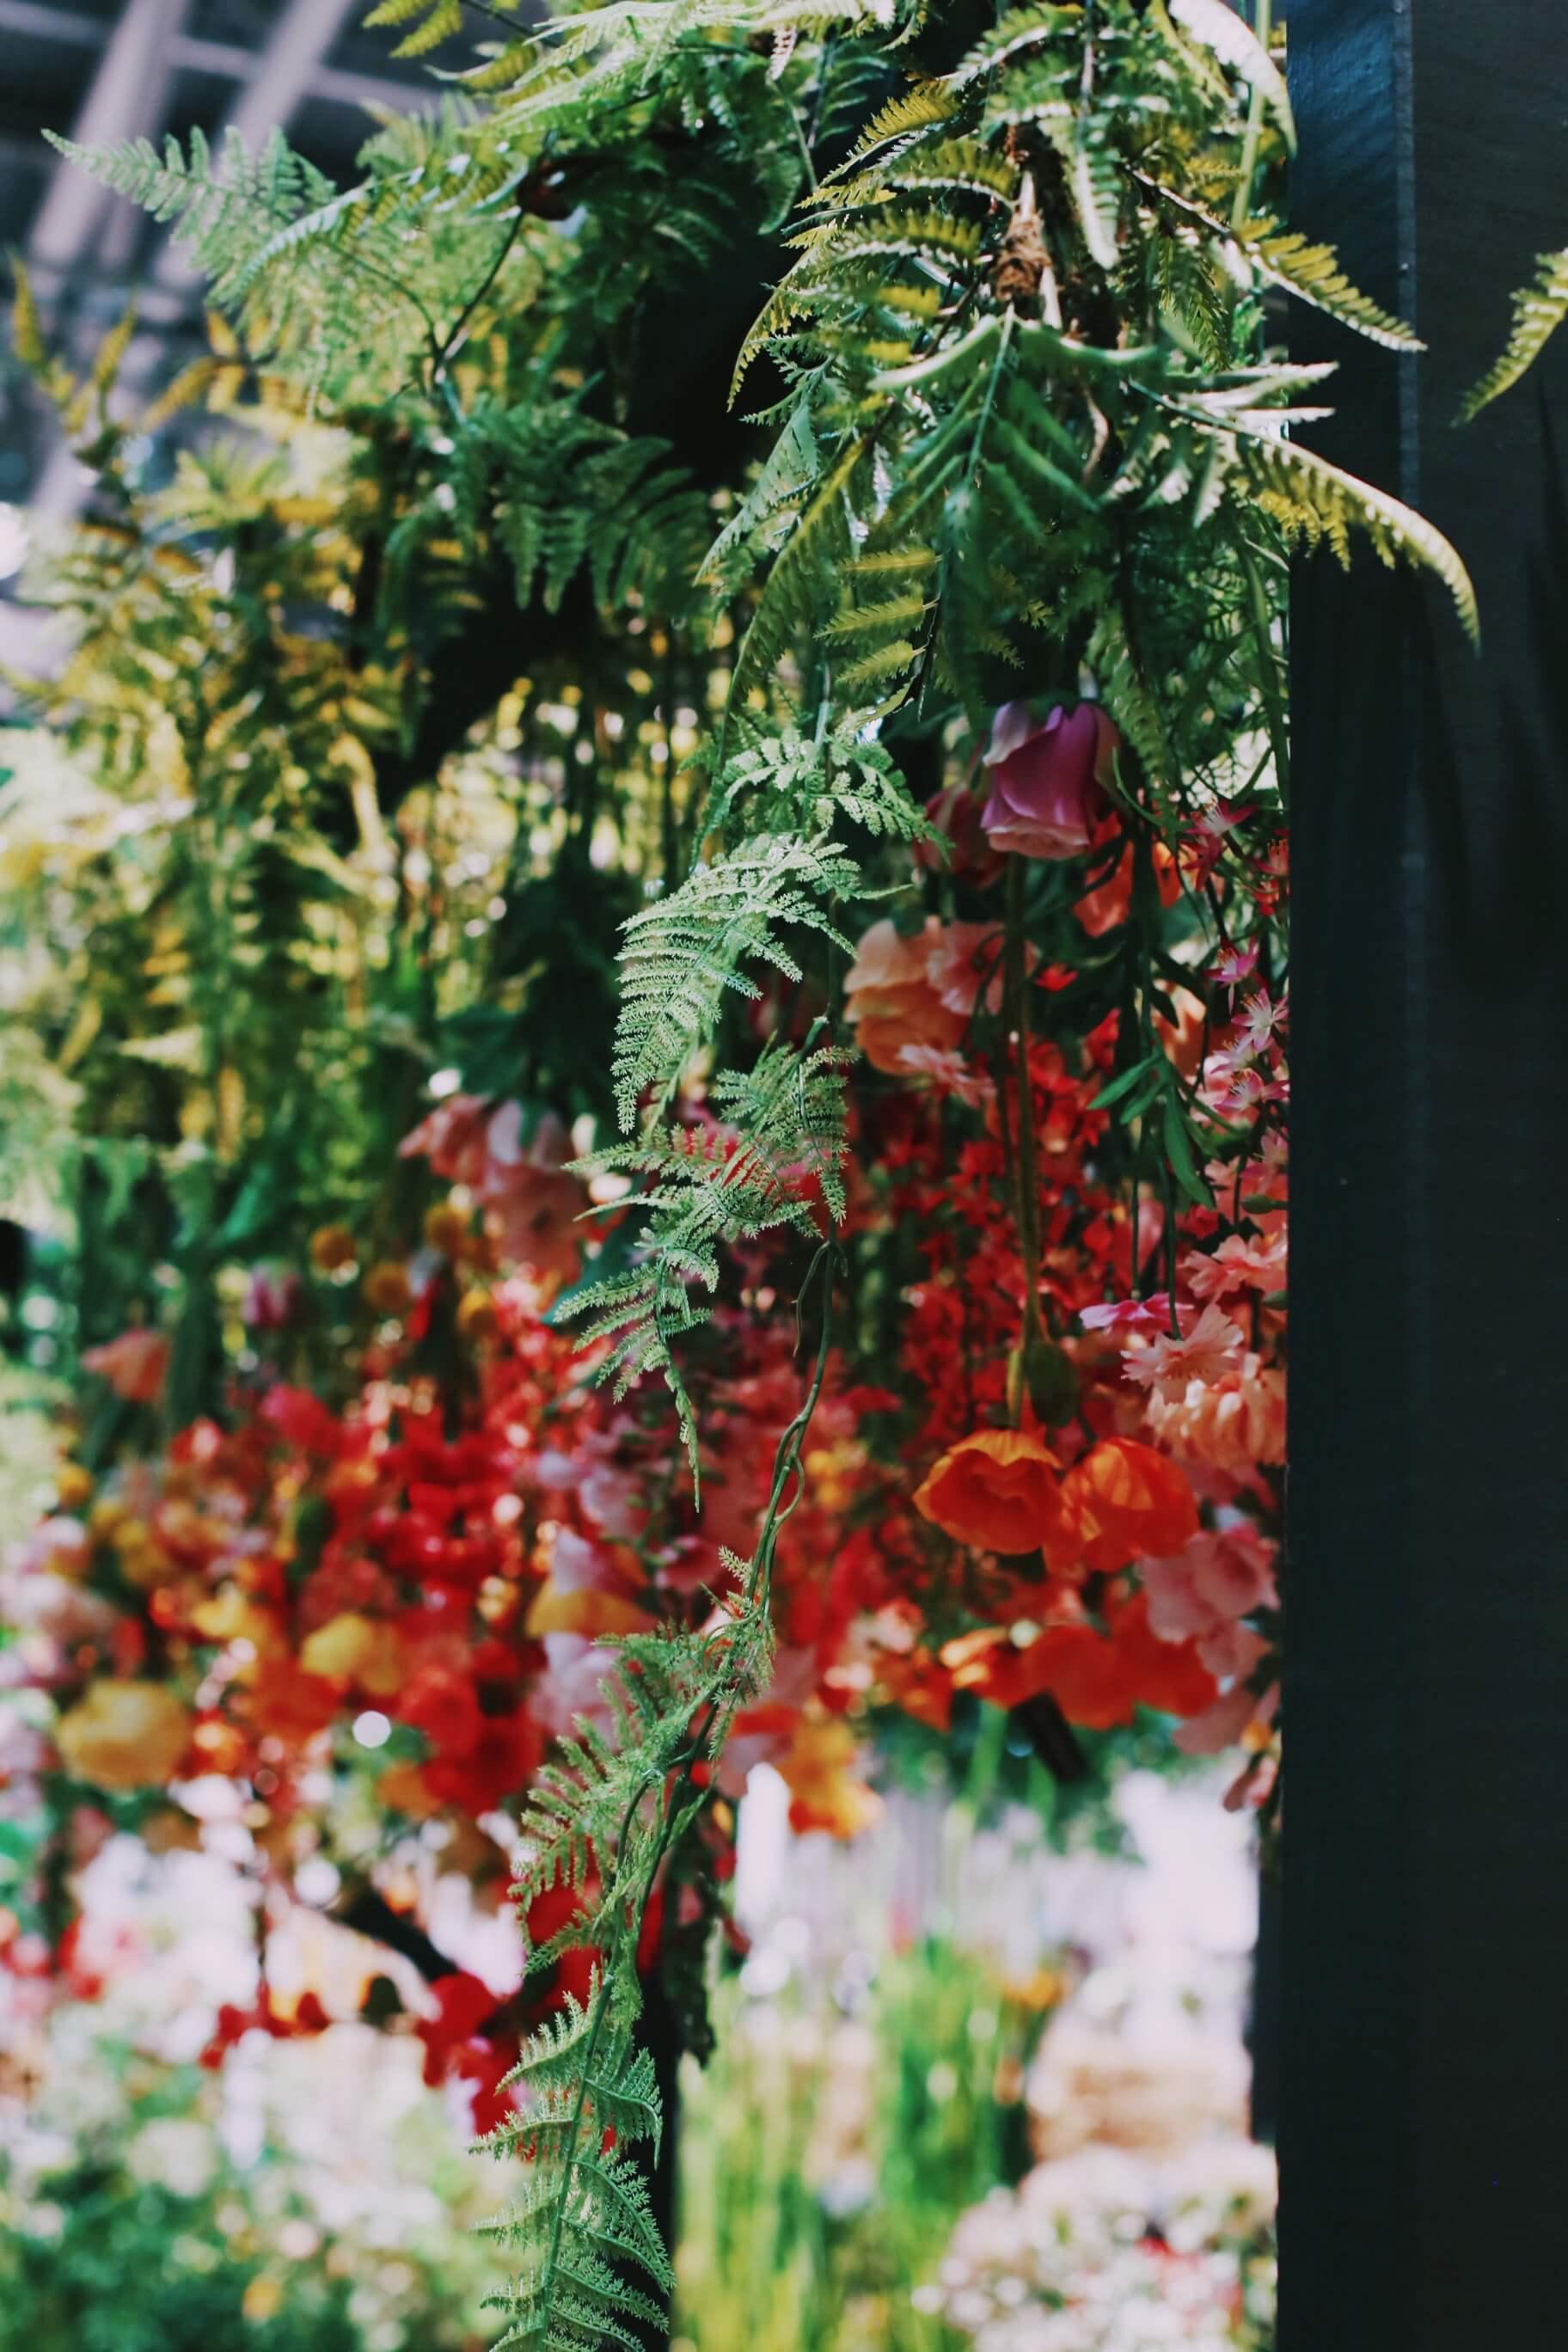 Kukkien runsaus! Kukkia vihreitä paljon ja vielä enemmän, roikkumassa ja maljakossa. Kukkarunsaus on yksi 2019 suosituiimmista trendeistä.